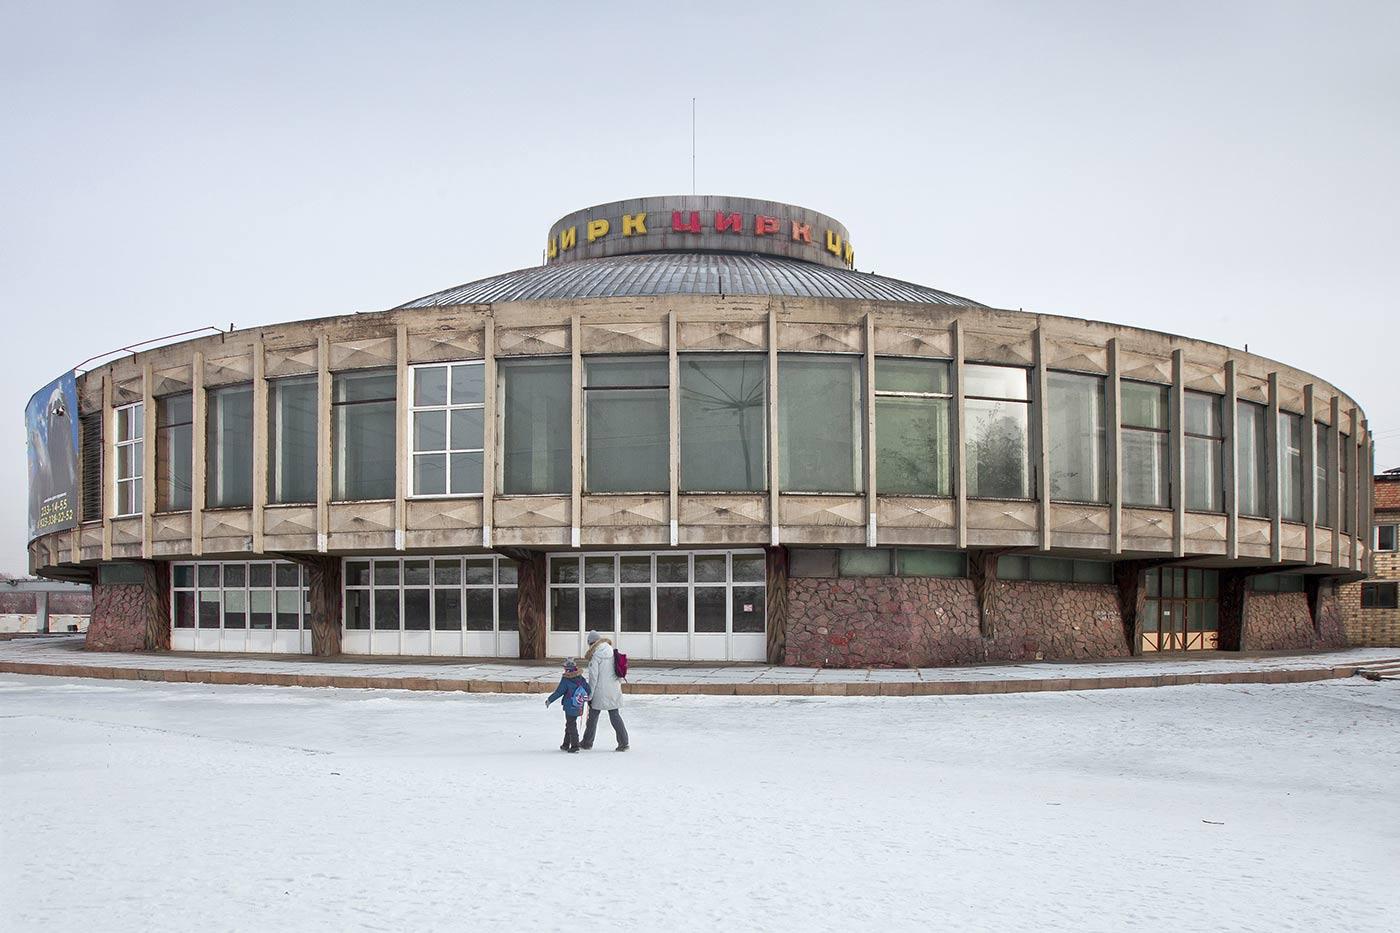 Soviet State Circus in Krasnoyarsk (Concrete Siberia, Zupagrafika)